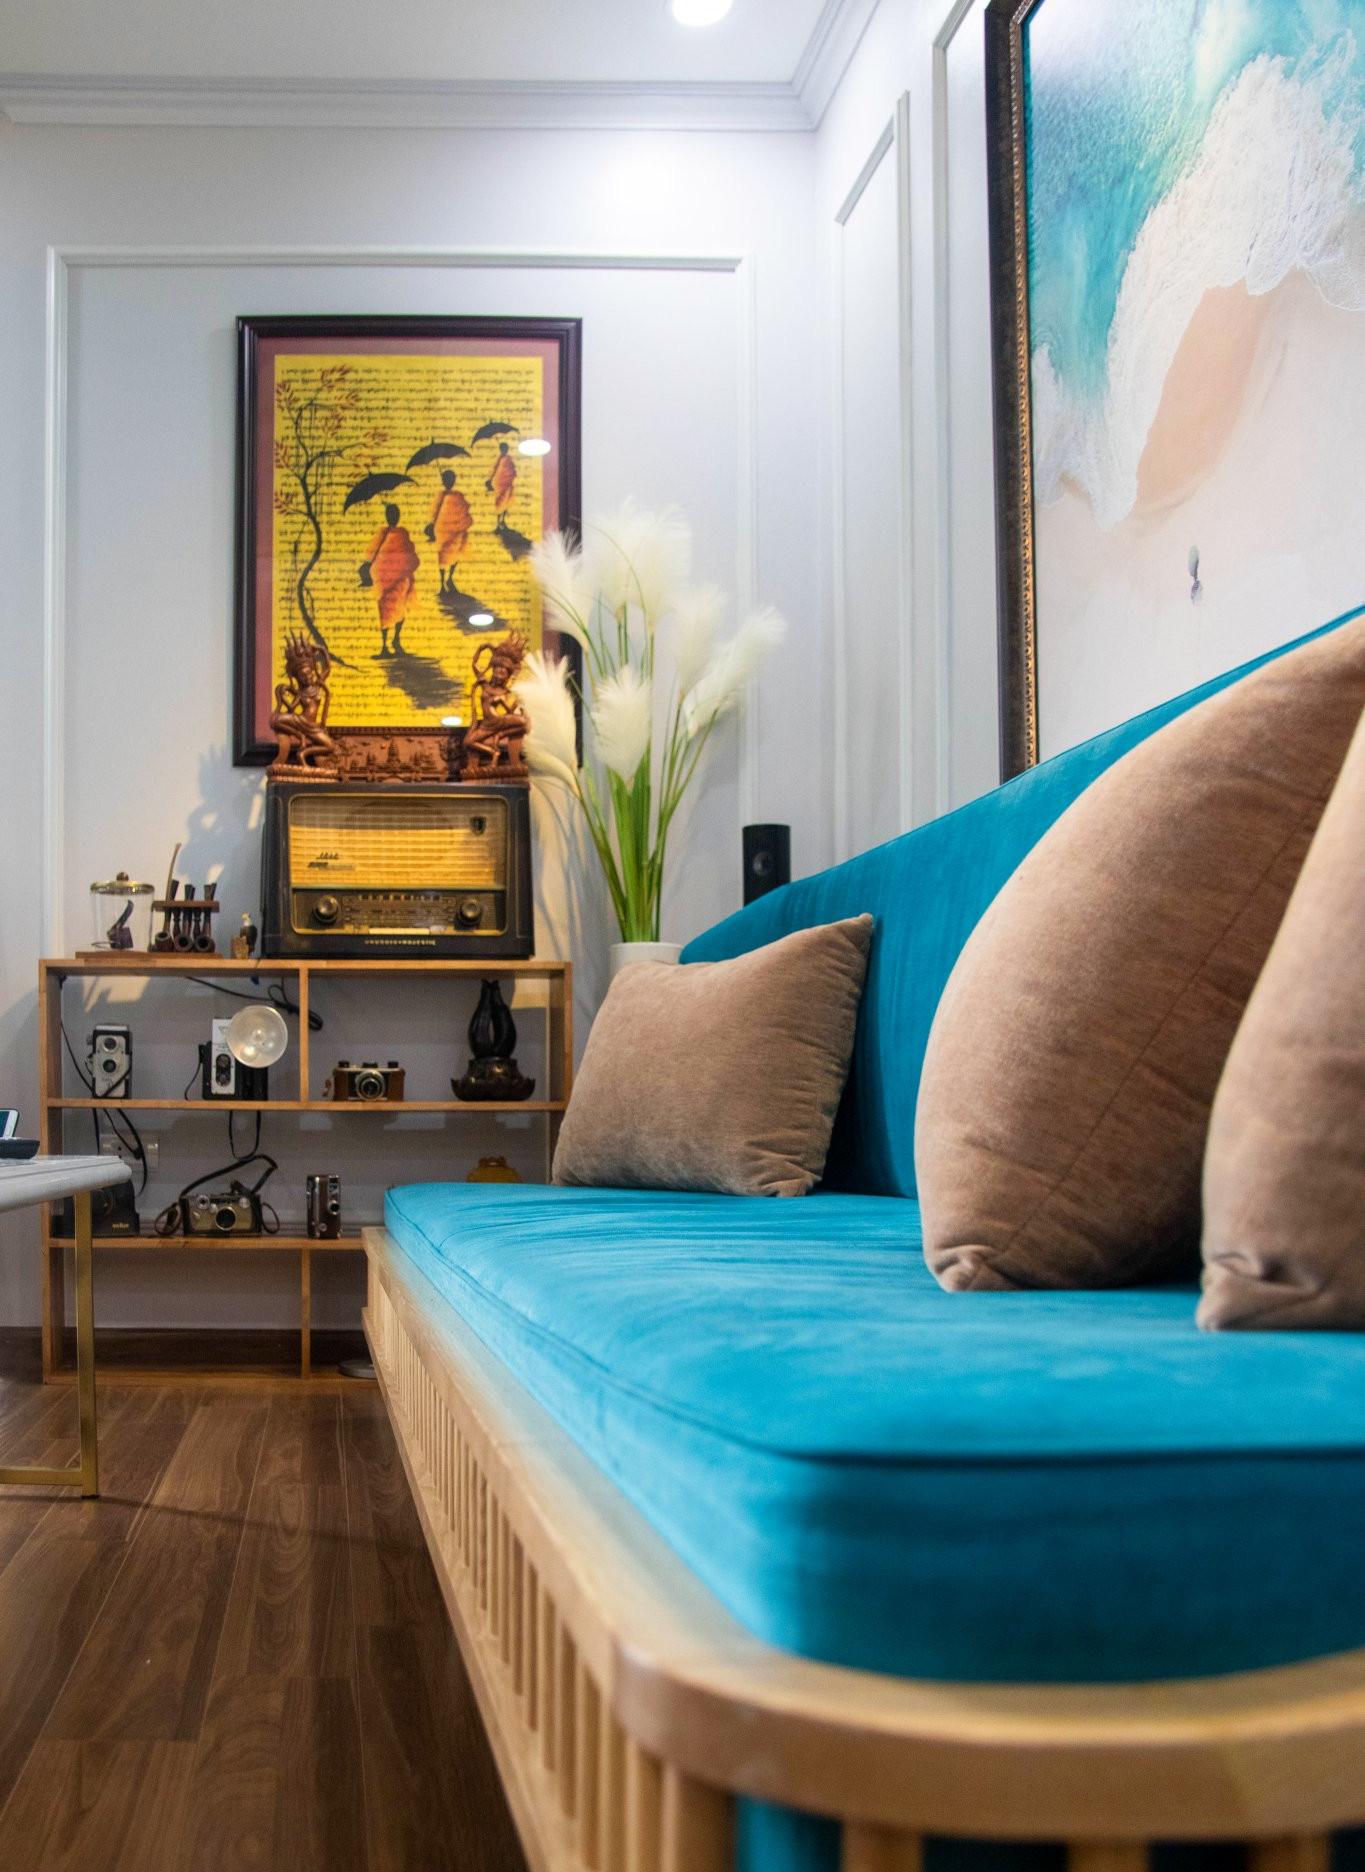 hình ảnh cận cảnh sofa màu xanh dương trong phòng khách